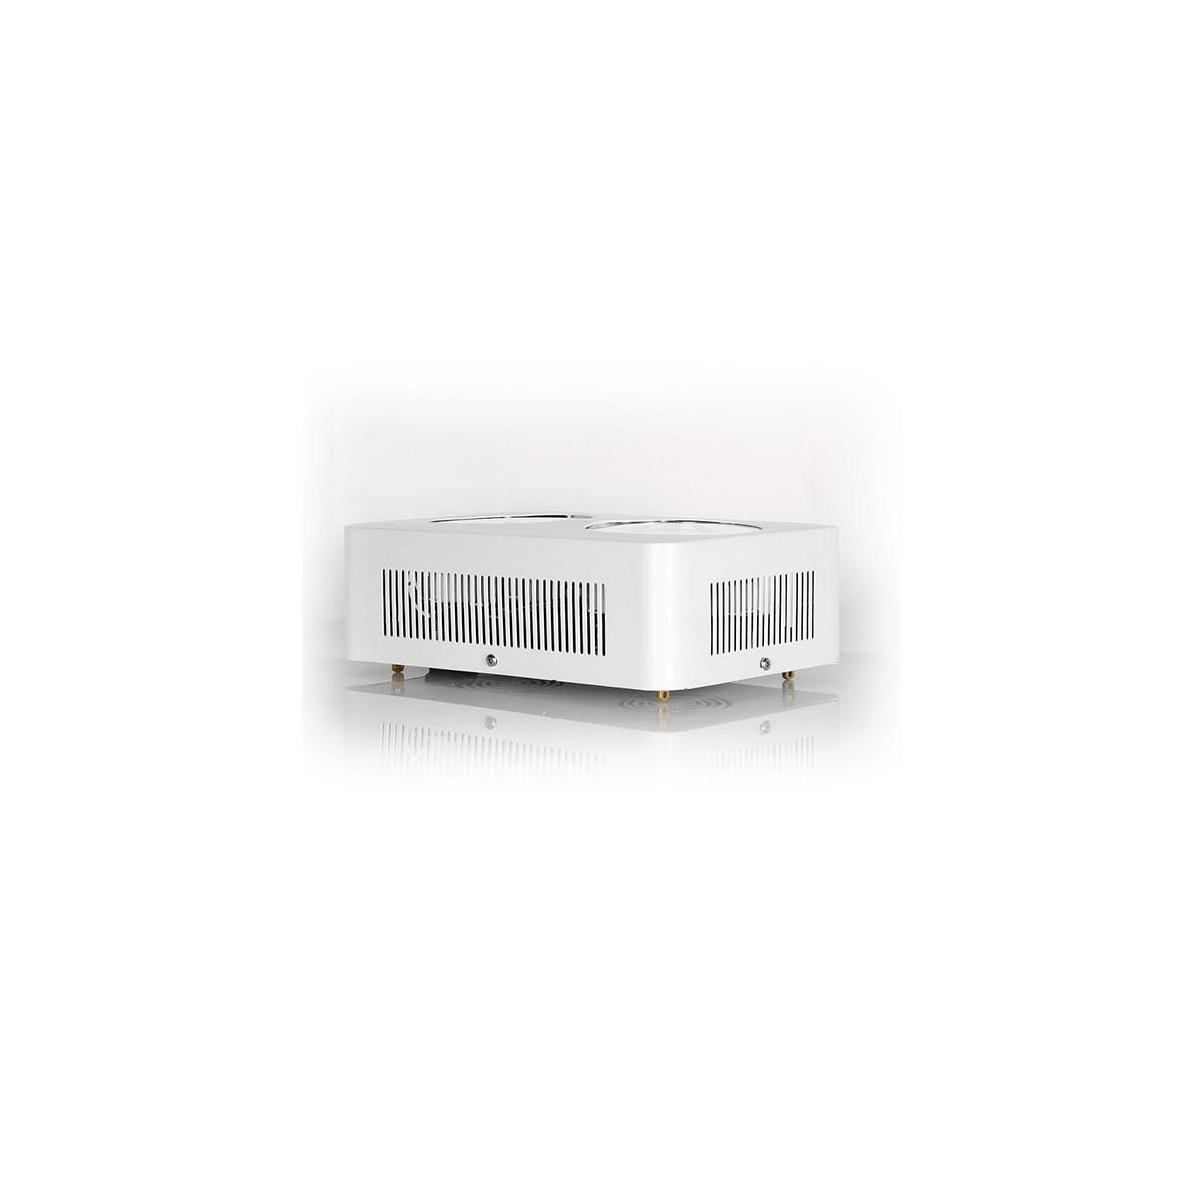 panneau clairage led 400w bionicled croissance et floraison 2 x 200w hydrozone. Black Bedroom Furniture Sets. Home Design Ideas